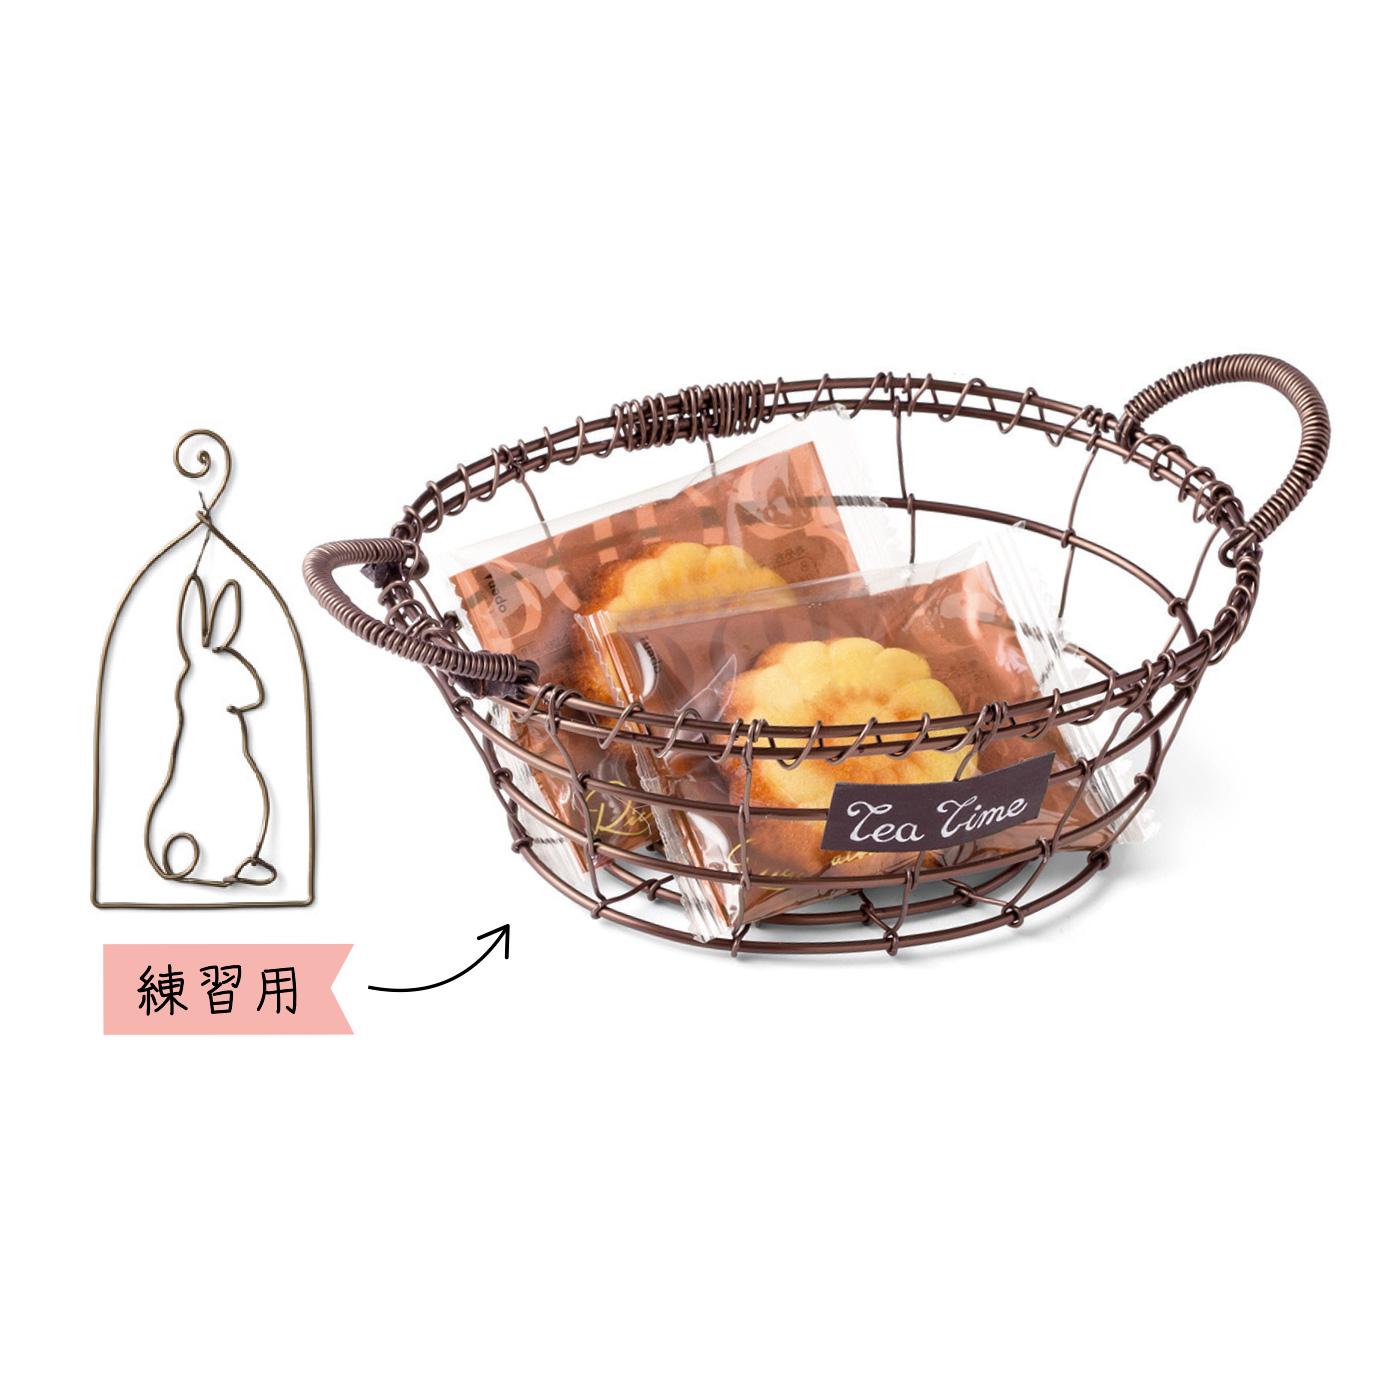 お茶菓子バスケット 縦約14cm、横約19cm、高さ約7cm(持ち手含まず)